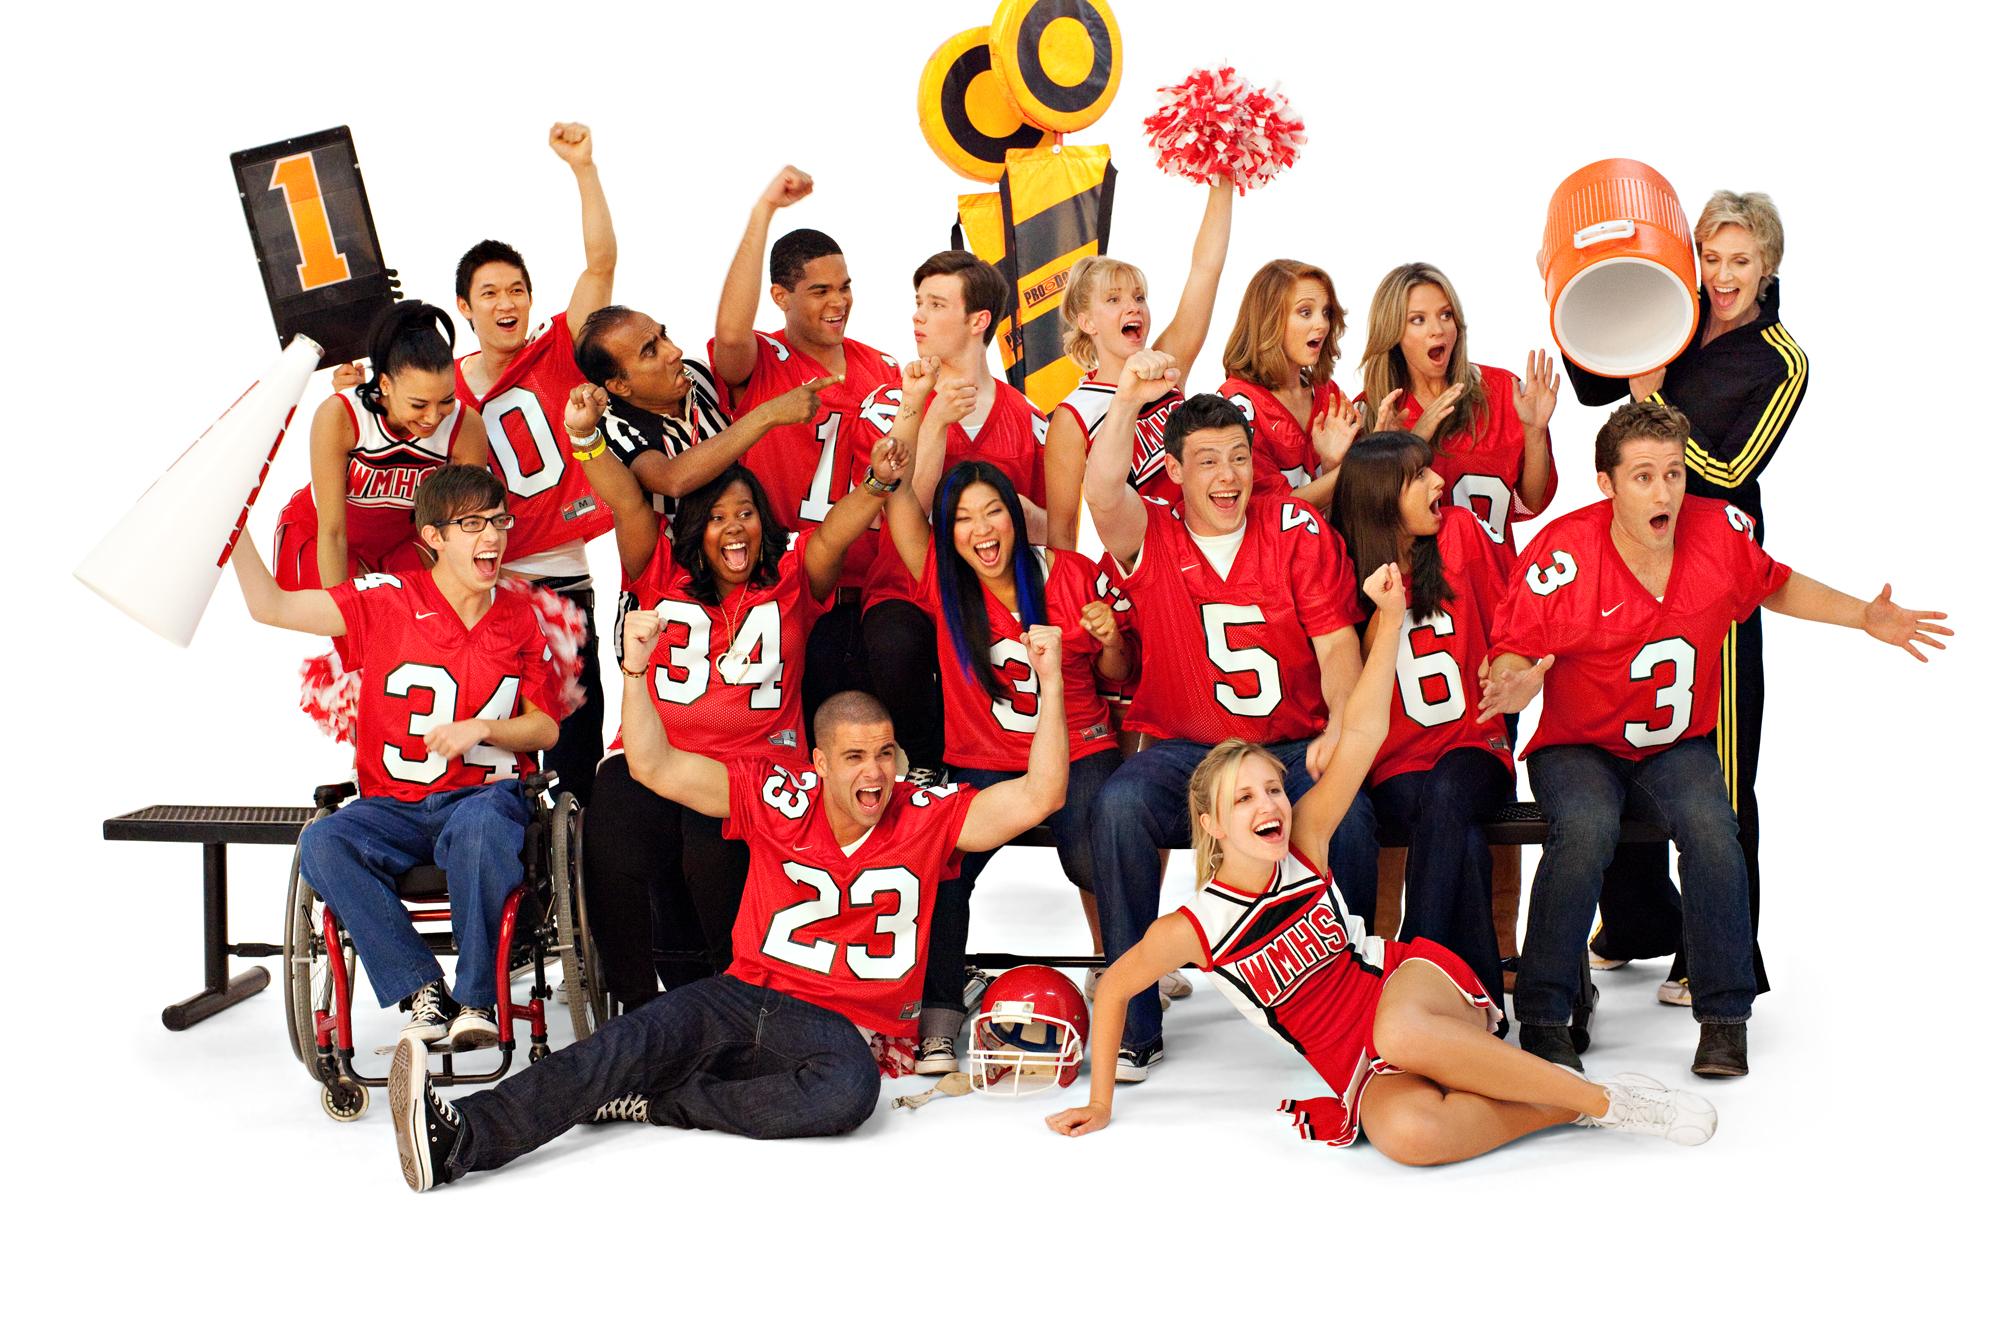 Glee_0001